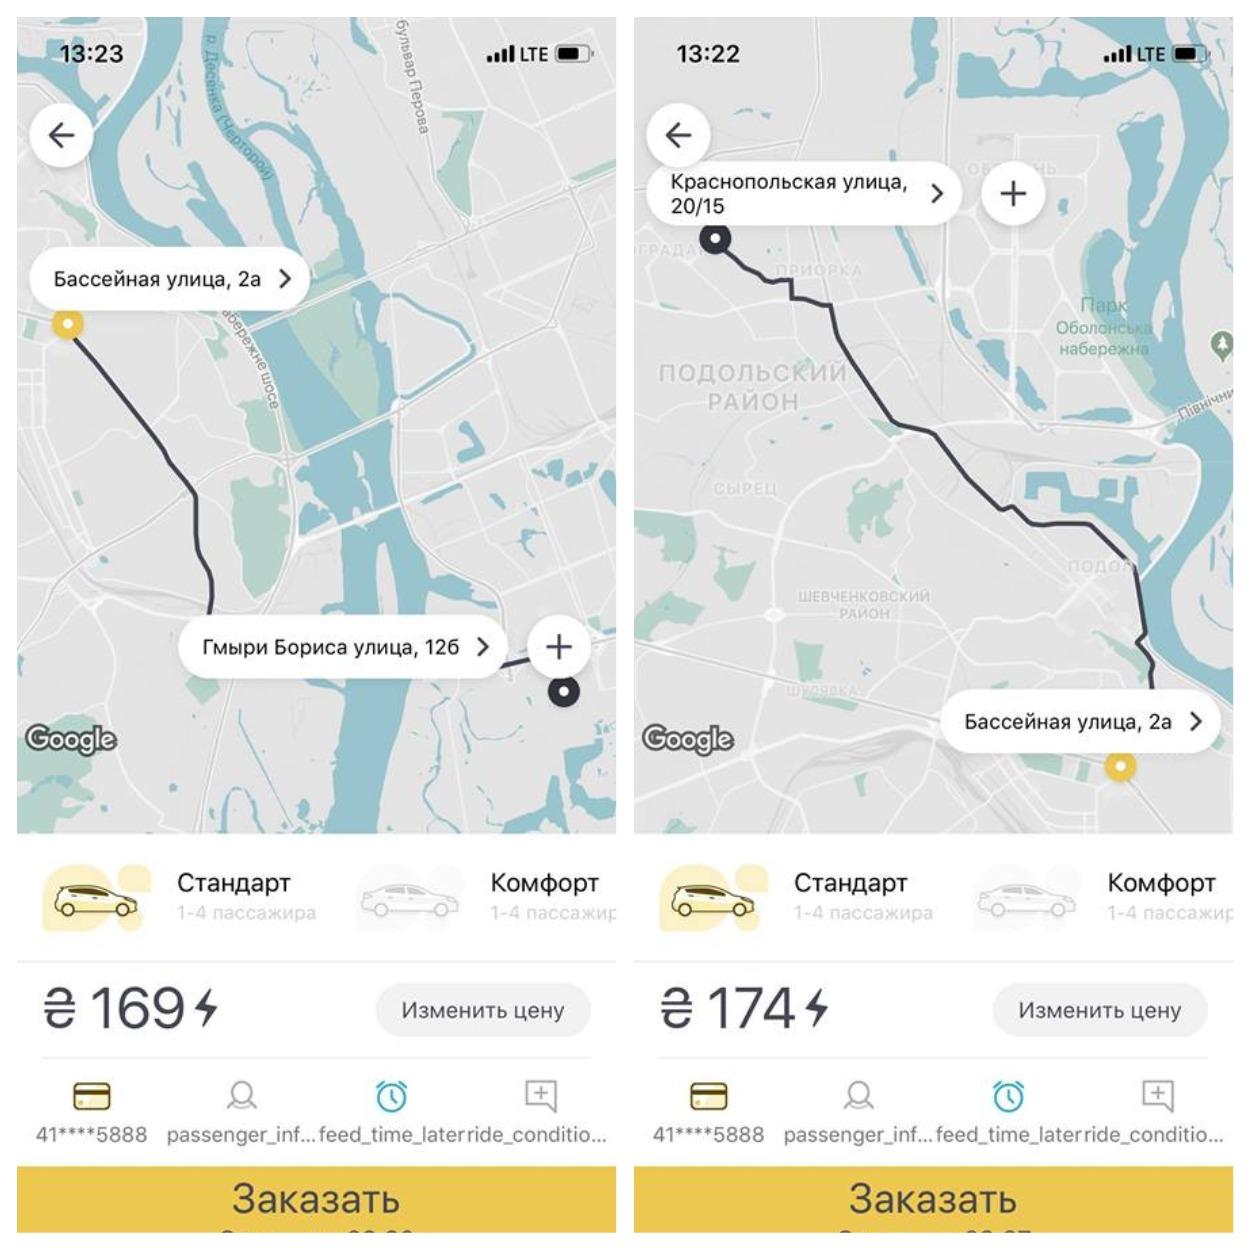 Тарифы такси Uklon повысились из-за высокого спроса